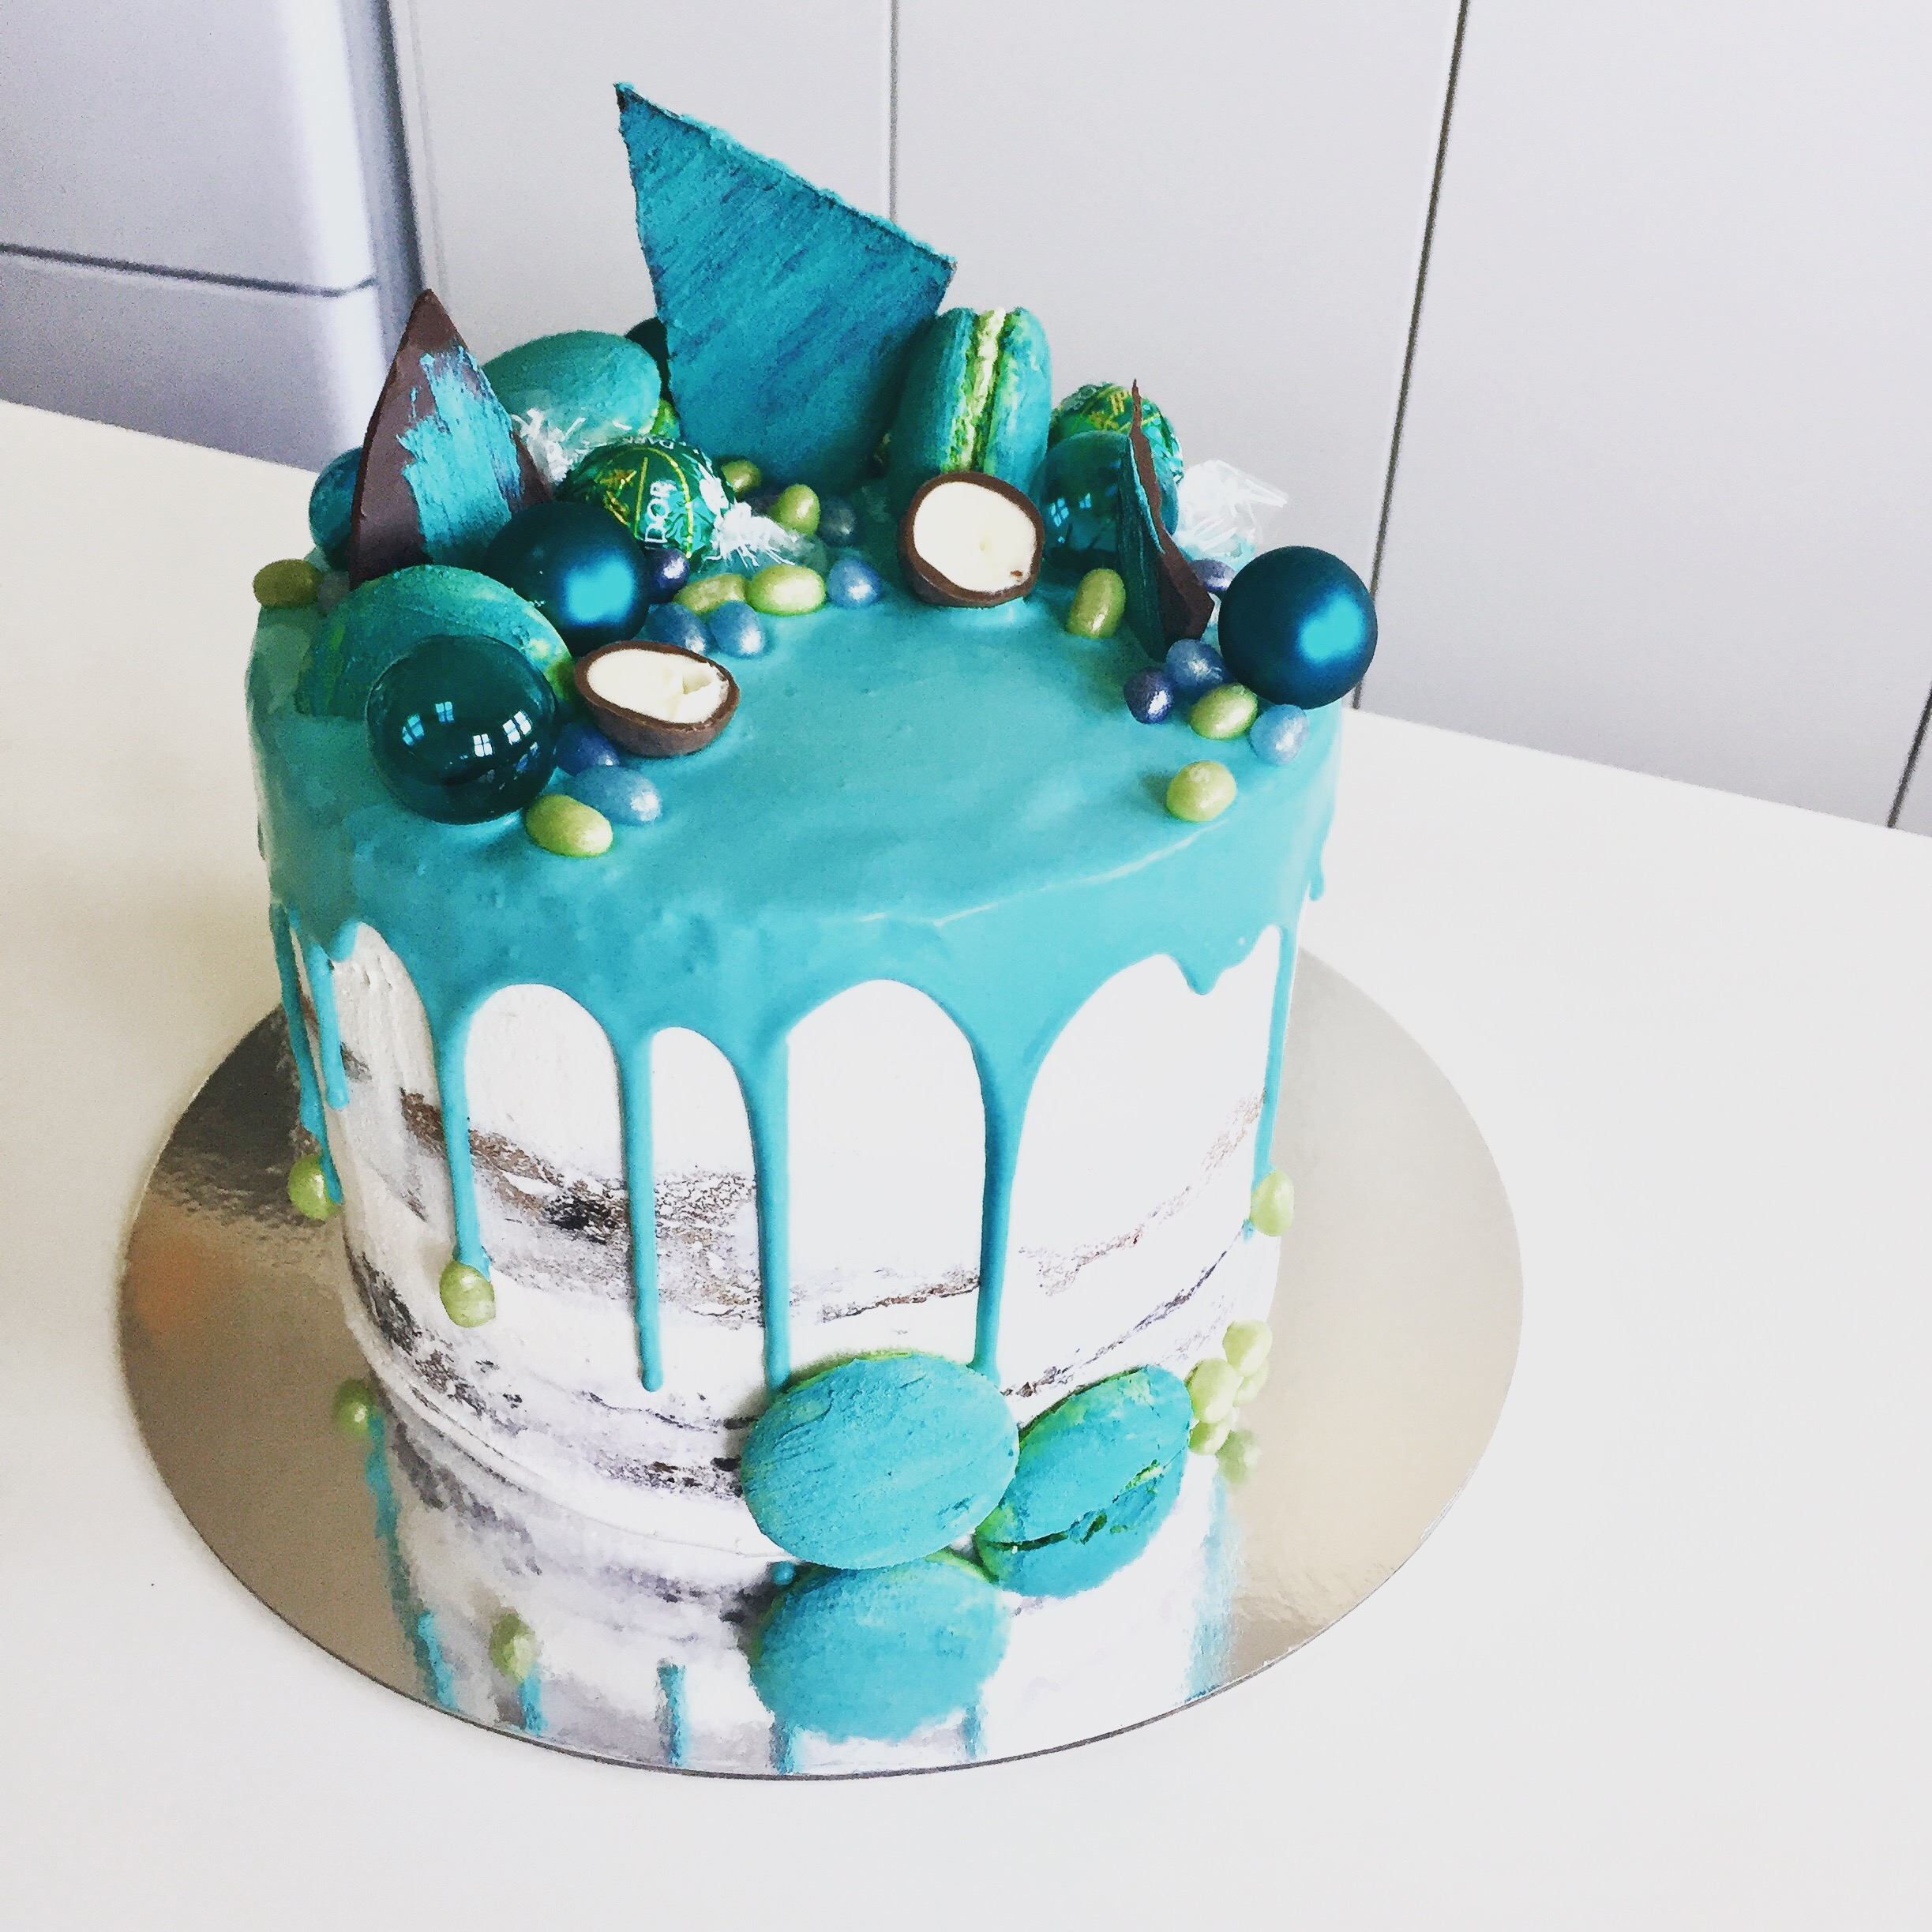 Bev's Catering - Cakes